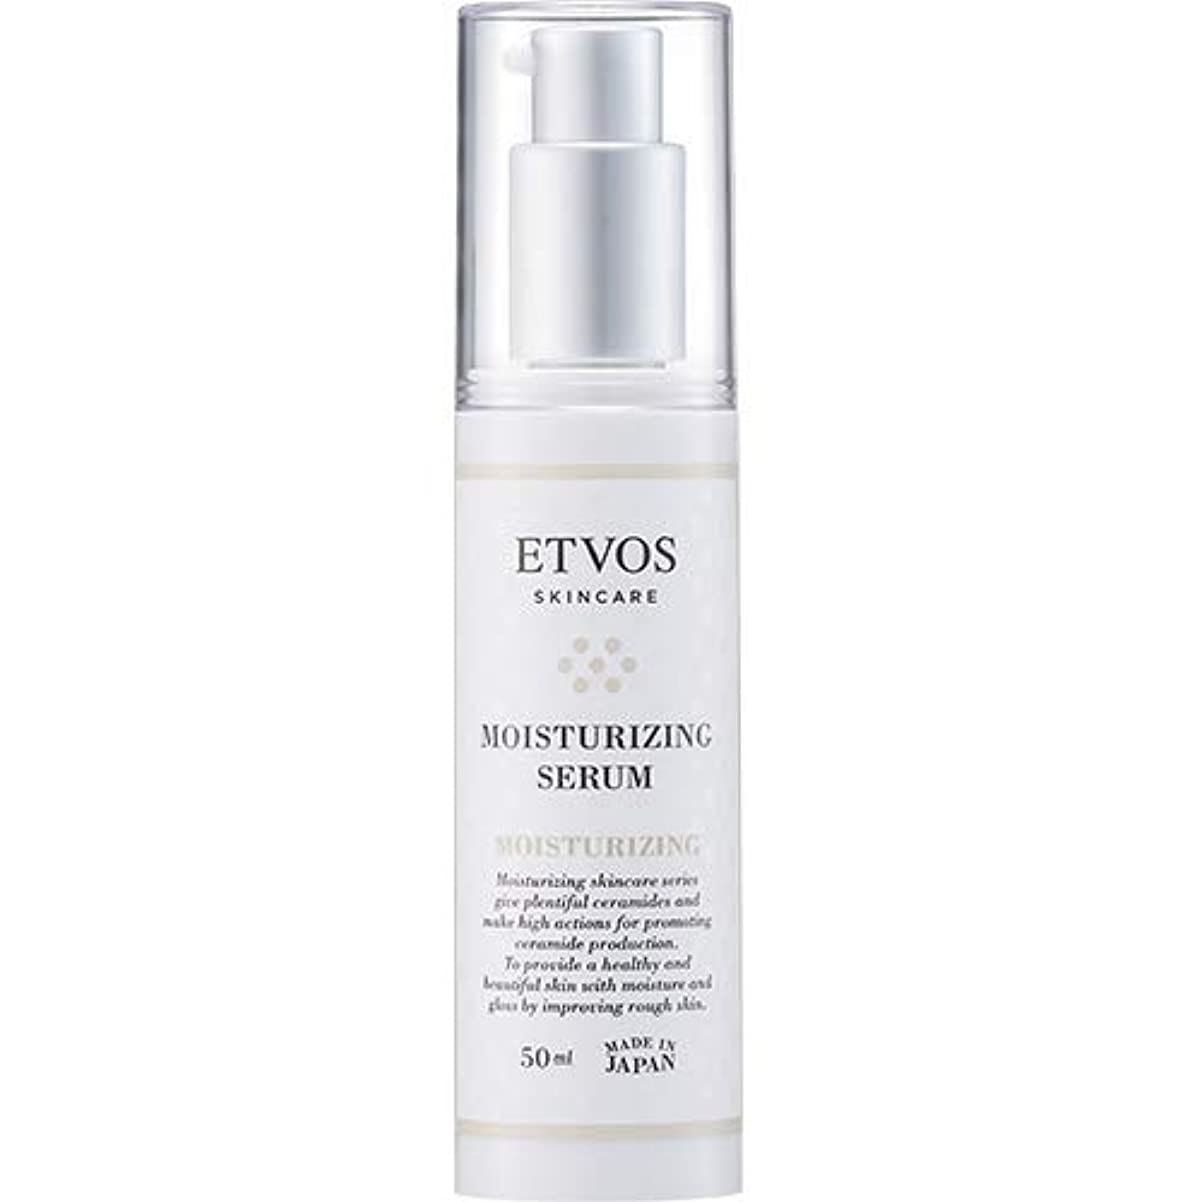 ほかに船乗り課すETVOS(エトヴォス) 保湿美容液 モイスチャライジングセラム 50ml ヒト型セラミド配合 乾燥肌/敏感肌 乳液